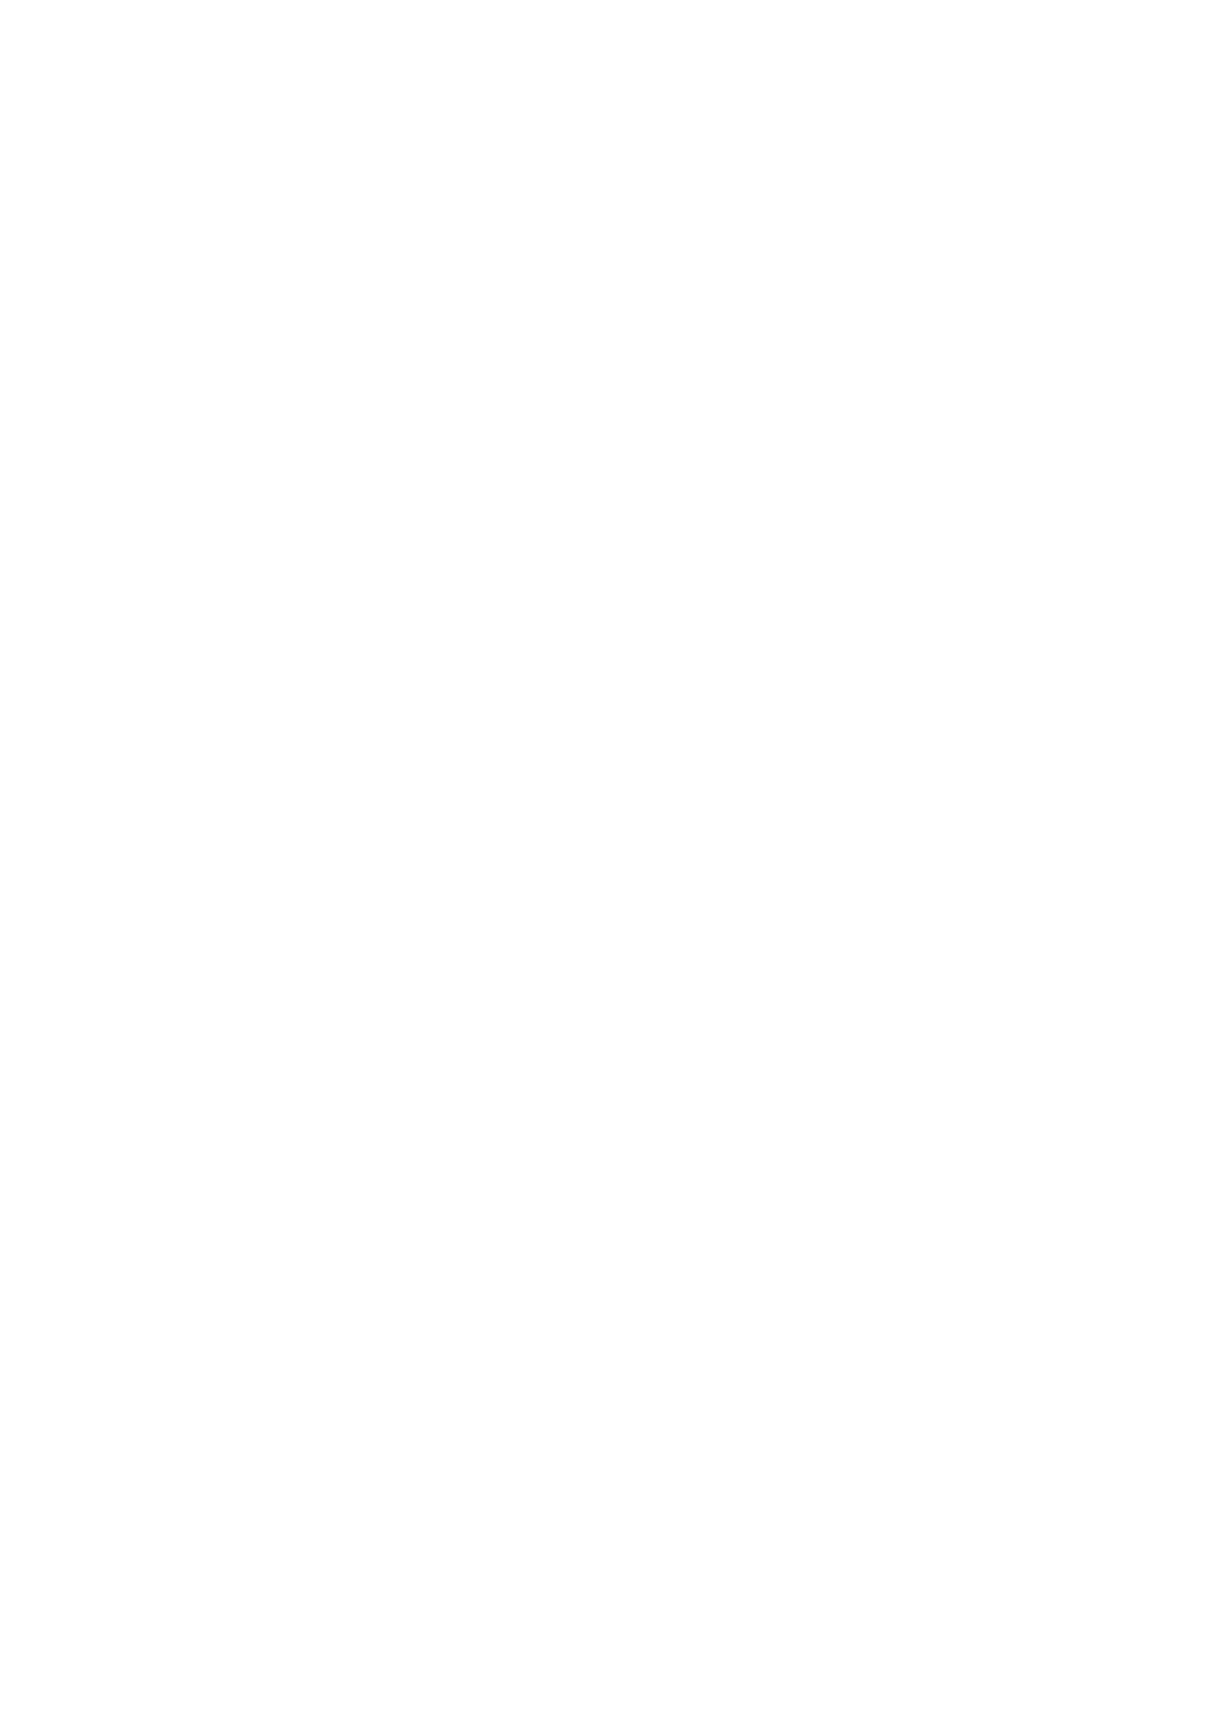 春輝×クリムゾン 美女ファイル01 有薗鈴音【フルカラー版】 1